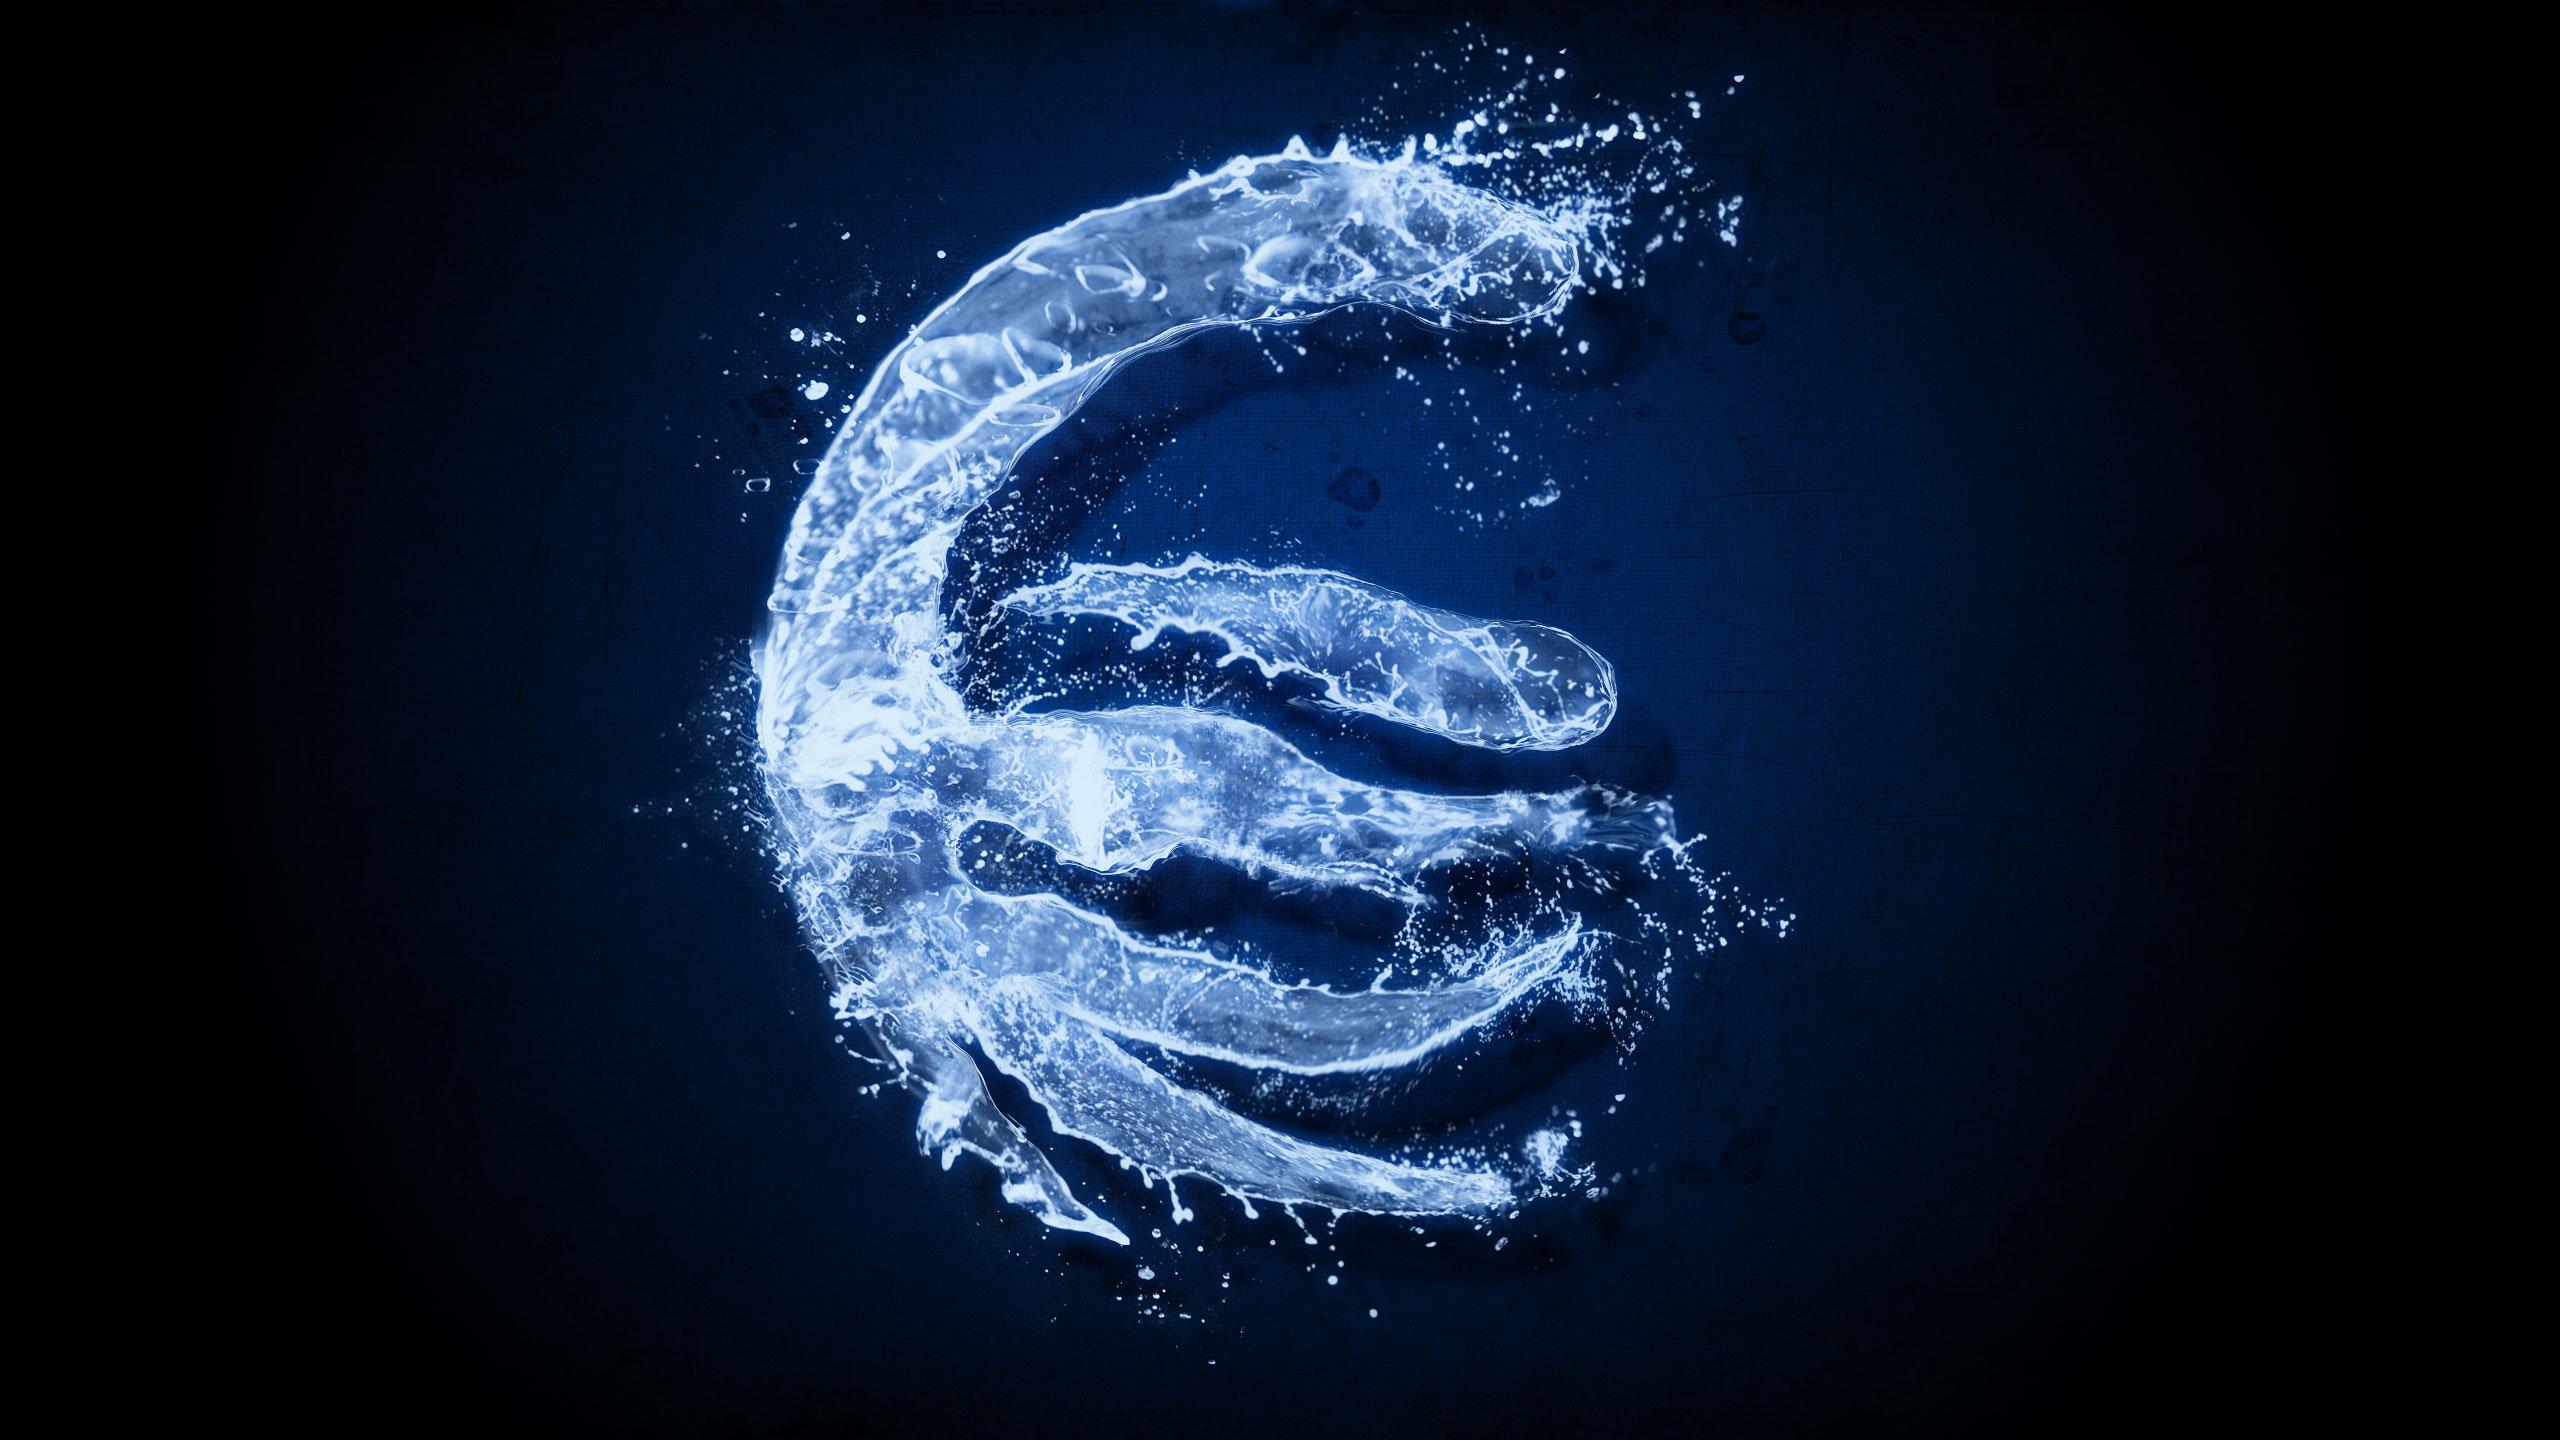 WaterBender 2560x1440